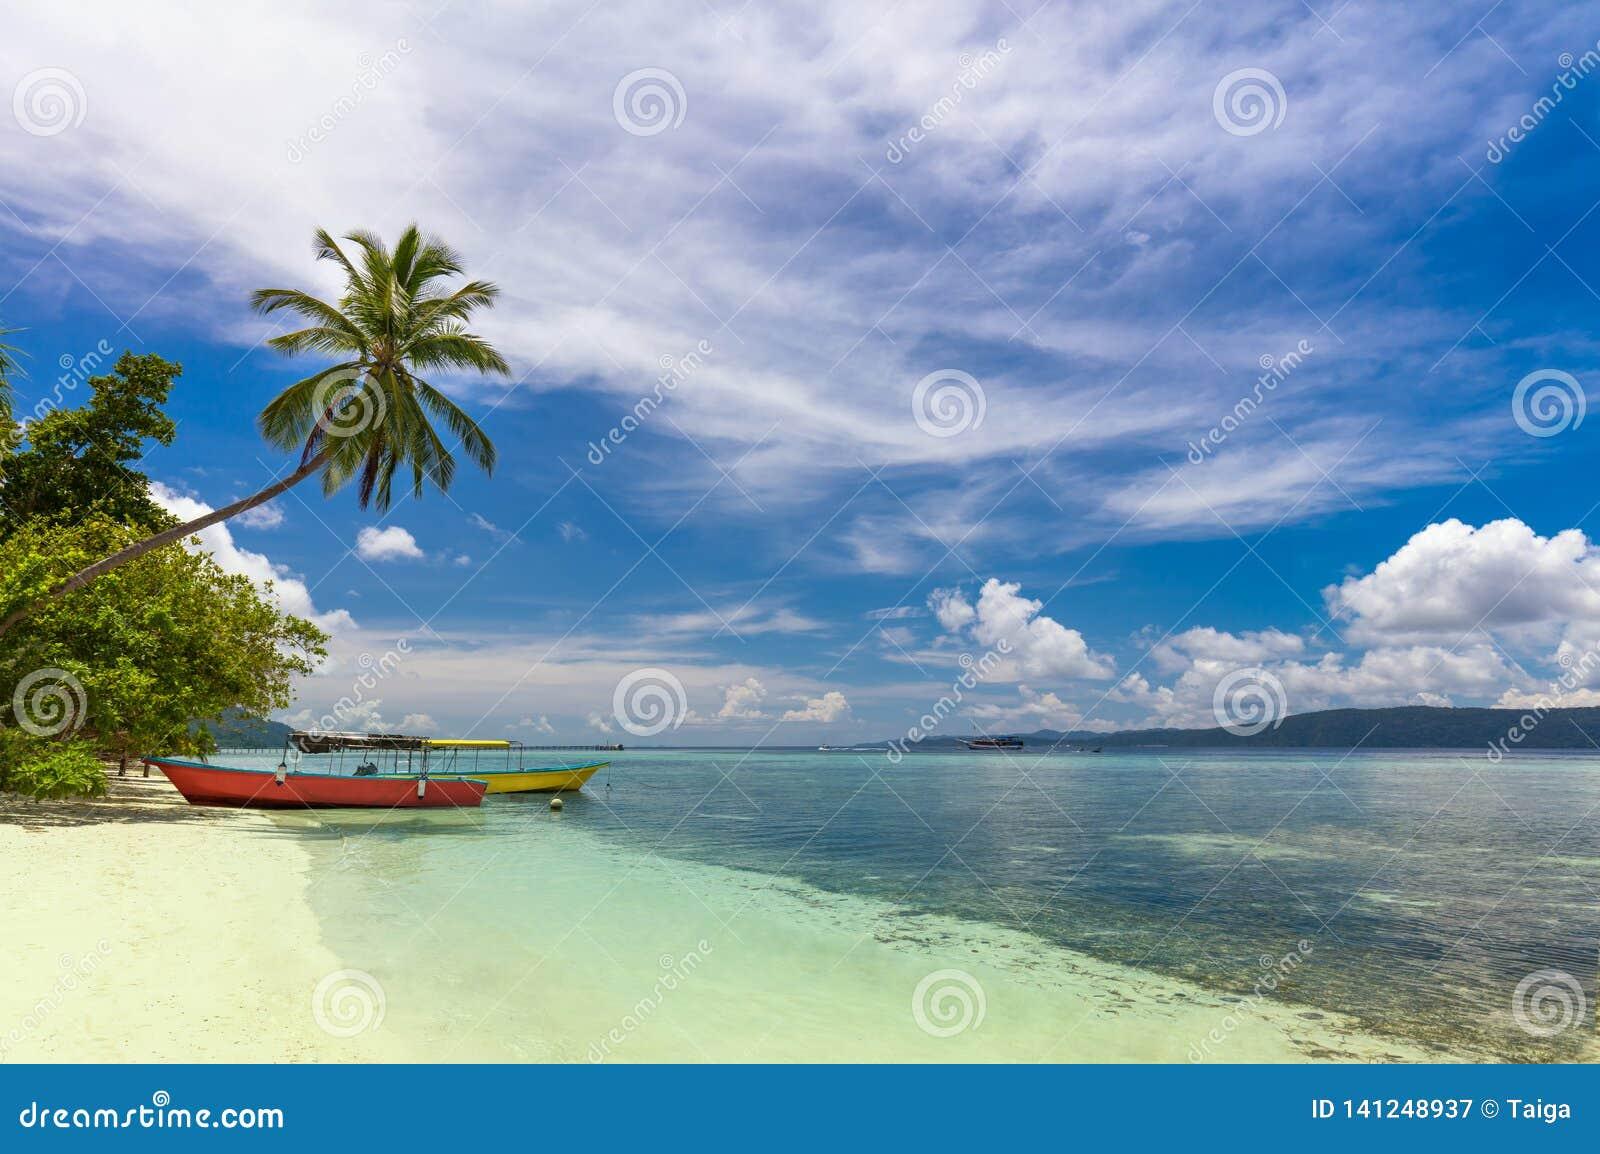 Praia tropical com barcos locais, palma de coco, a areia branca e a água de turquesa